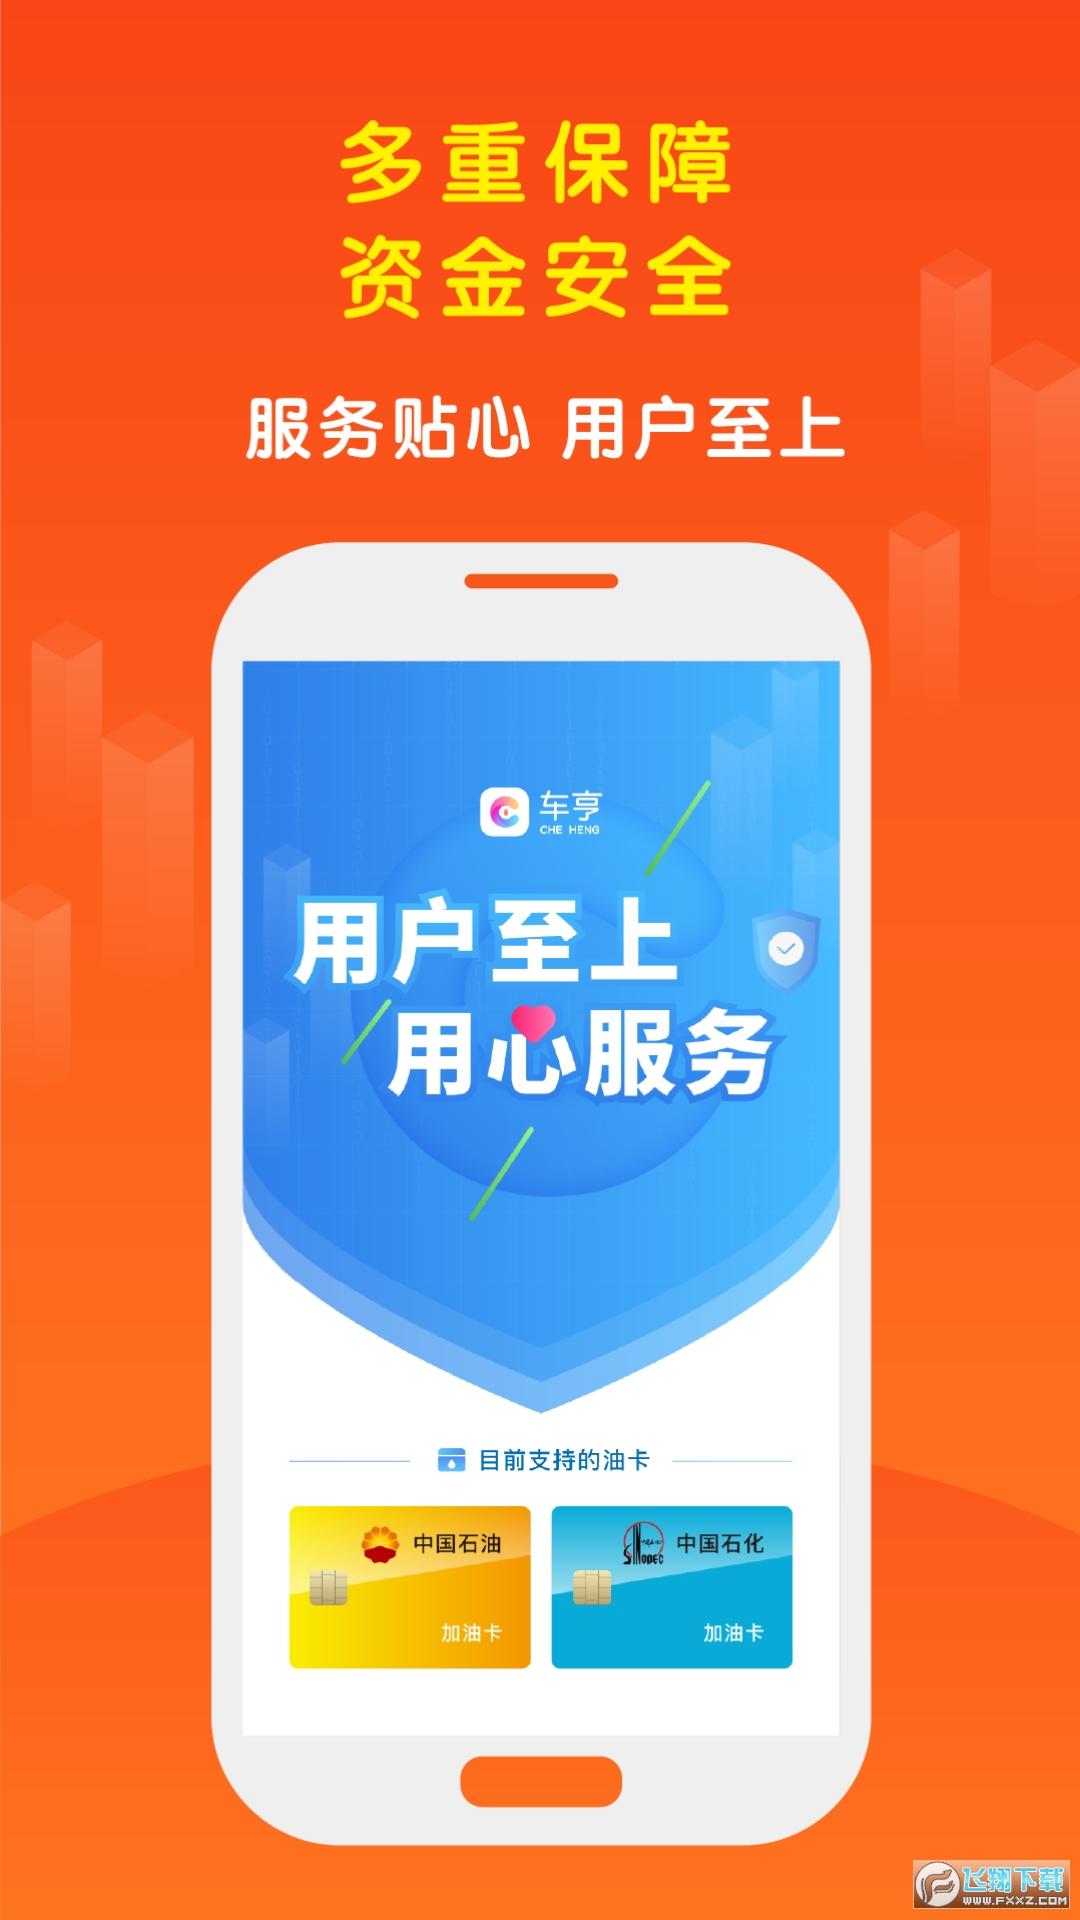 车亨加油5折app3.0.1最新版截图0